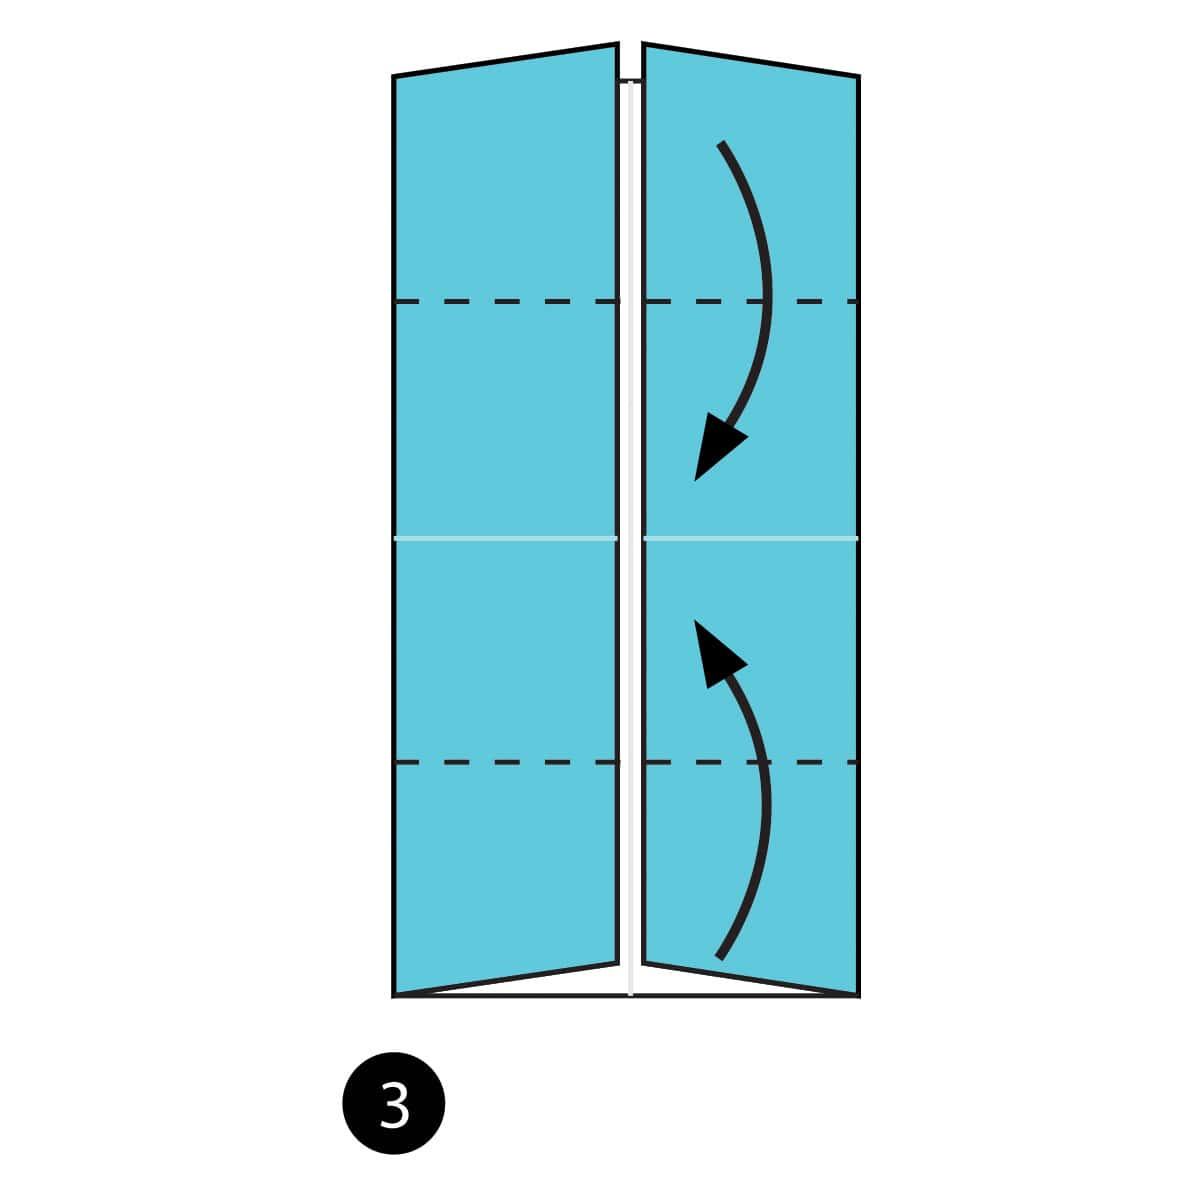 Pinwheel Step 3